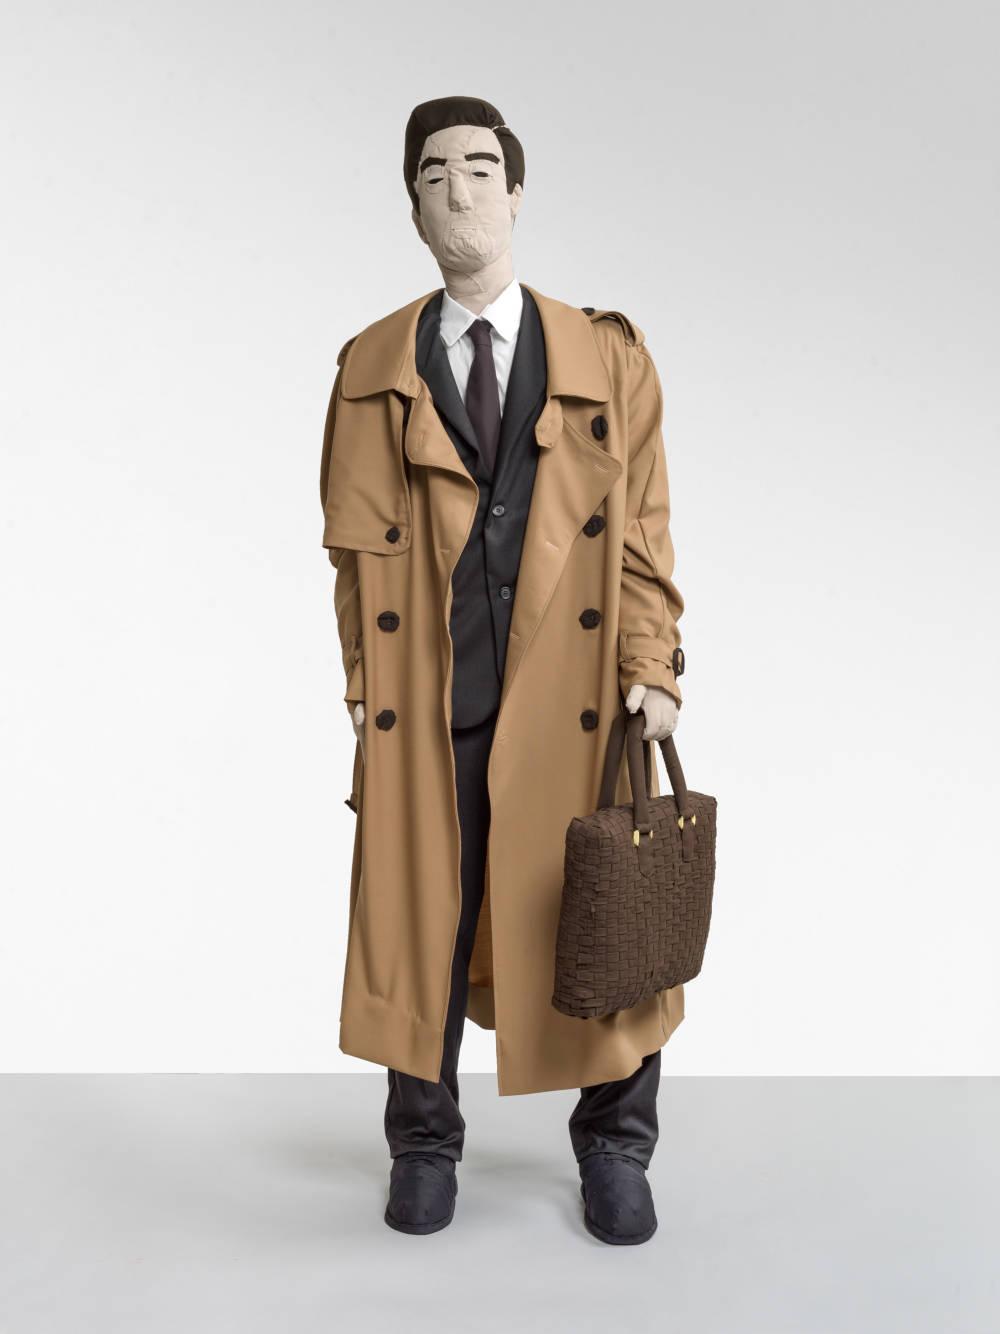 Herr im Trenchcoat (Gentleman in a Trench Coat)